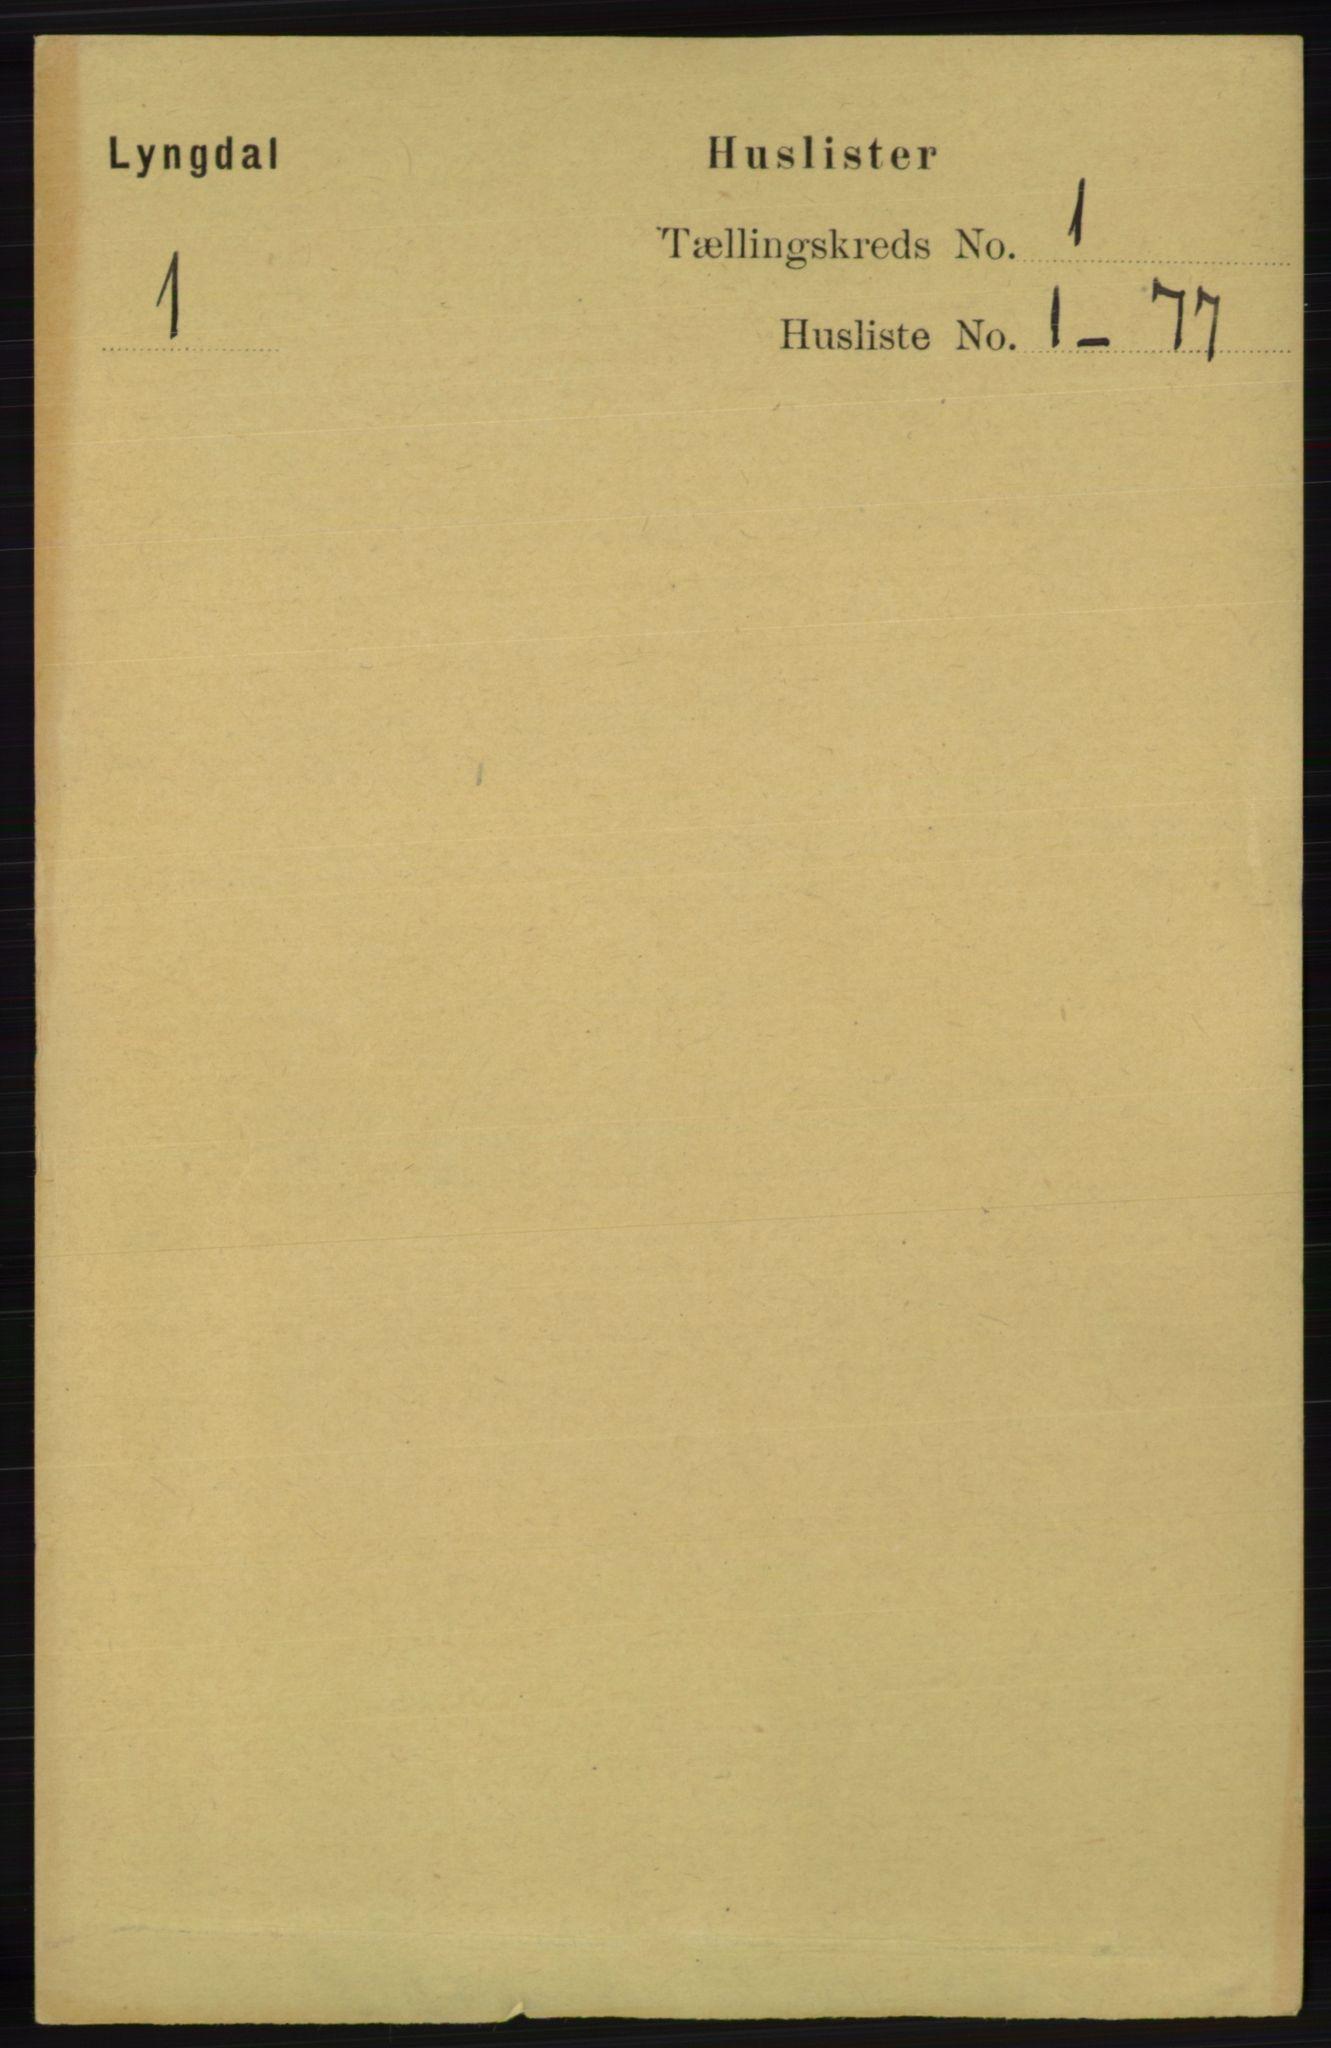 RA, Folketelling 1891 for 1032 Lyngdal herred, 1891, s. 40